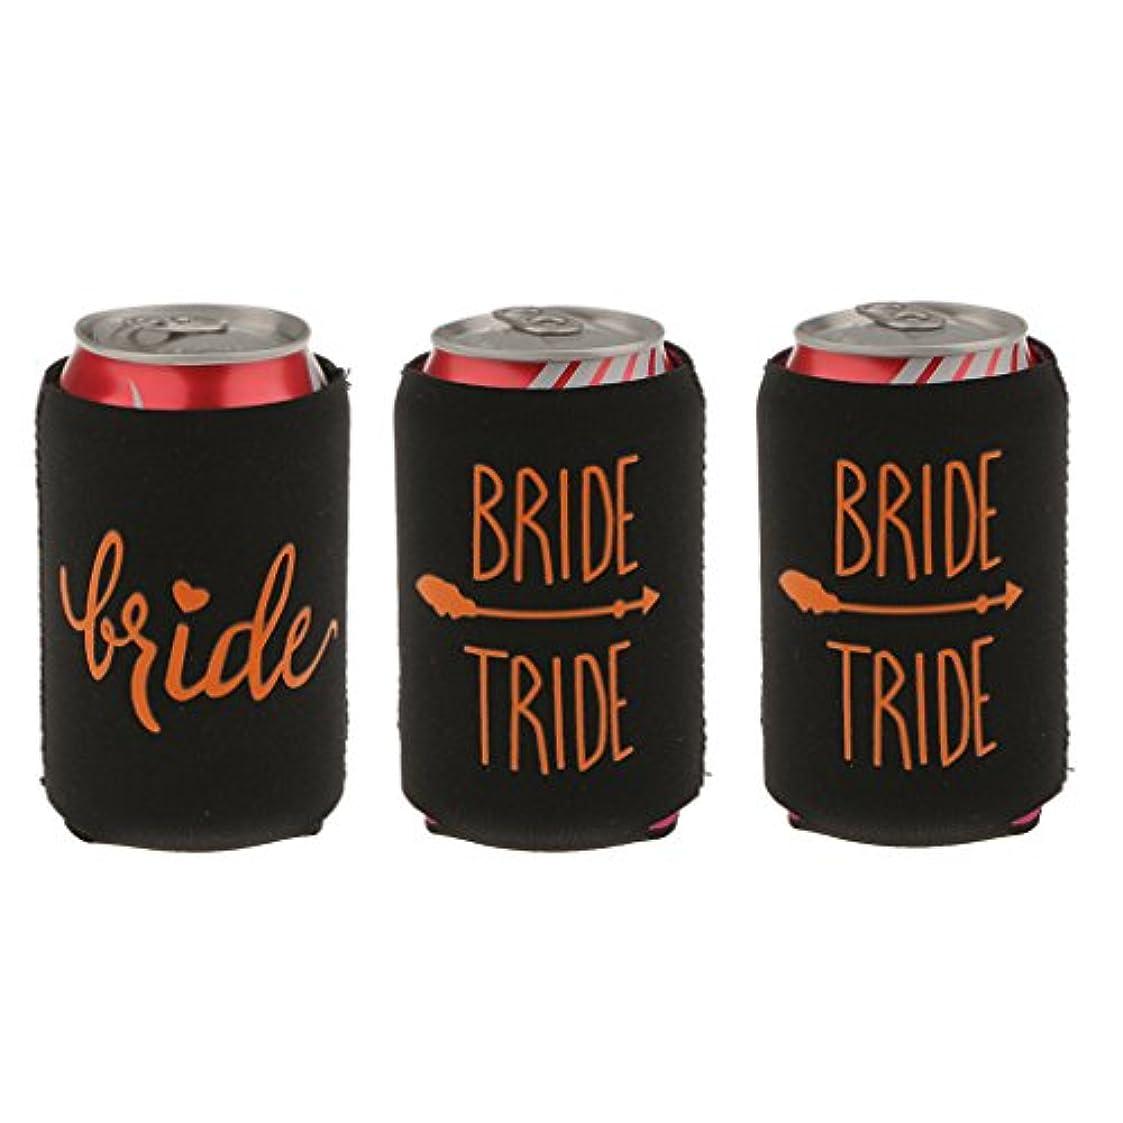 砲撃請うアスリートHellery 3枚セット 缶クーラー スリーブ カバー 缶クージー スズ 保冷 保温 ビール コーヒー ネオプレン